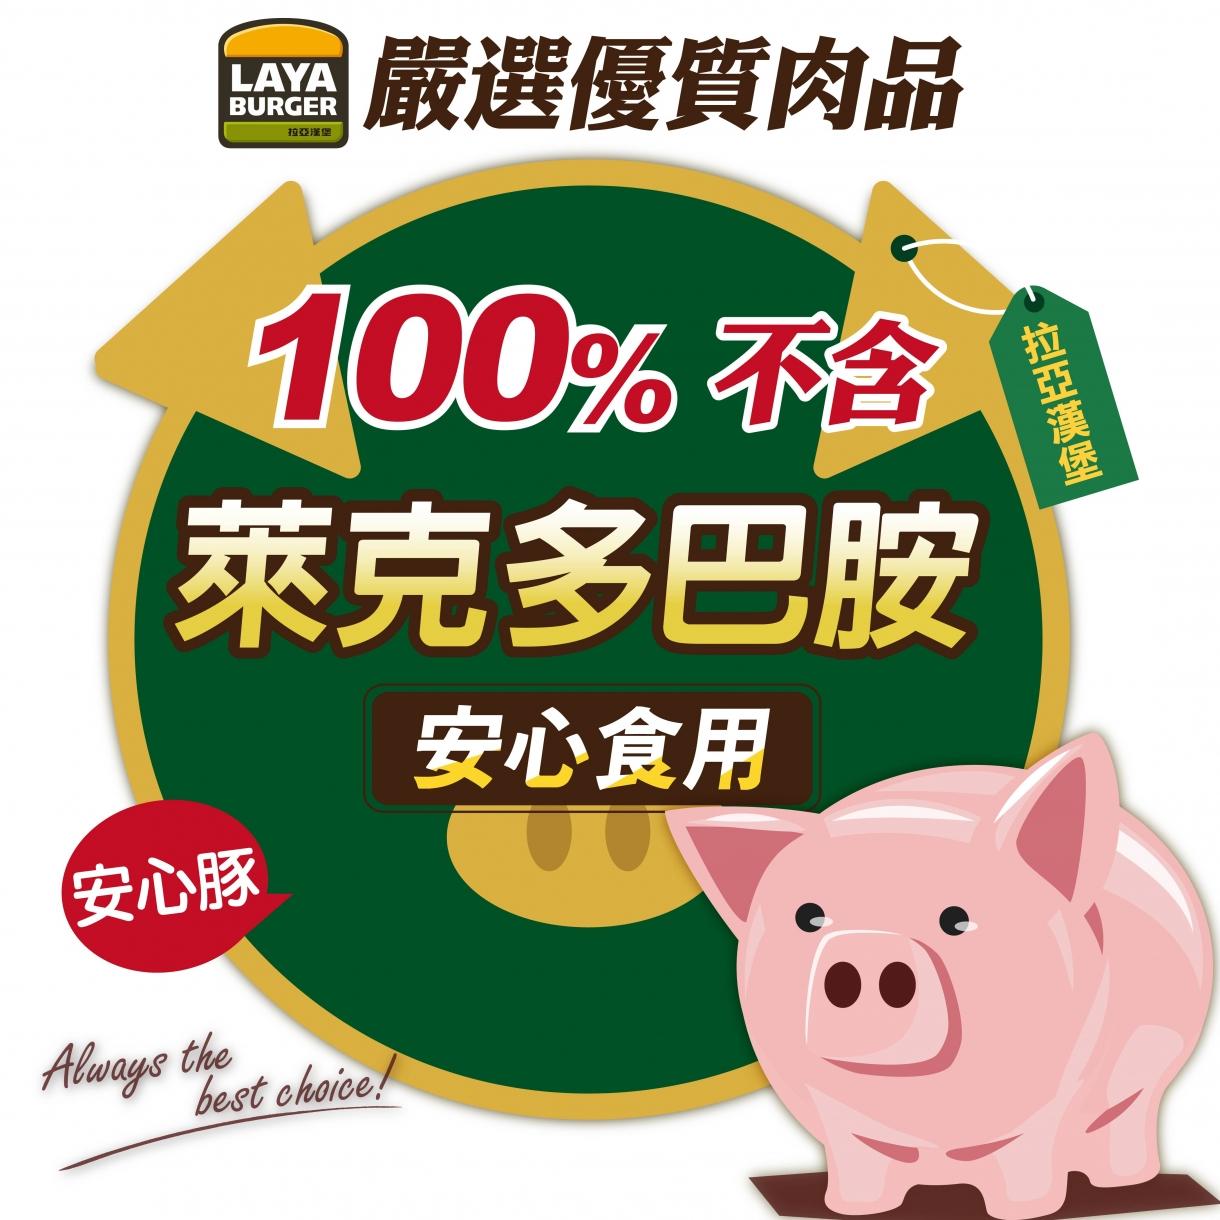 20201228拒萊豬-fb-02